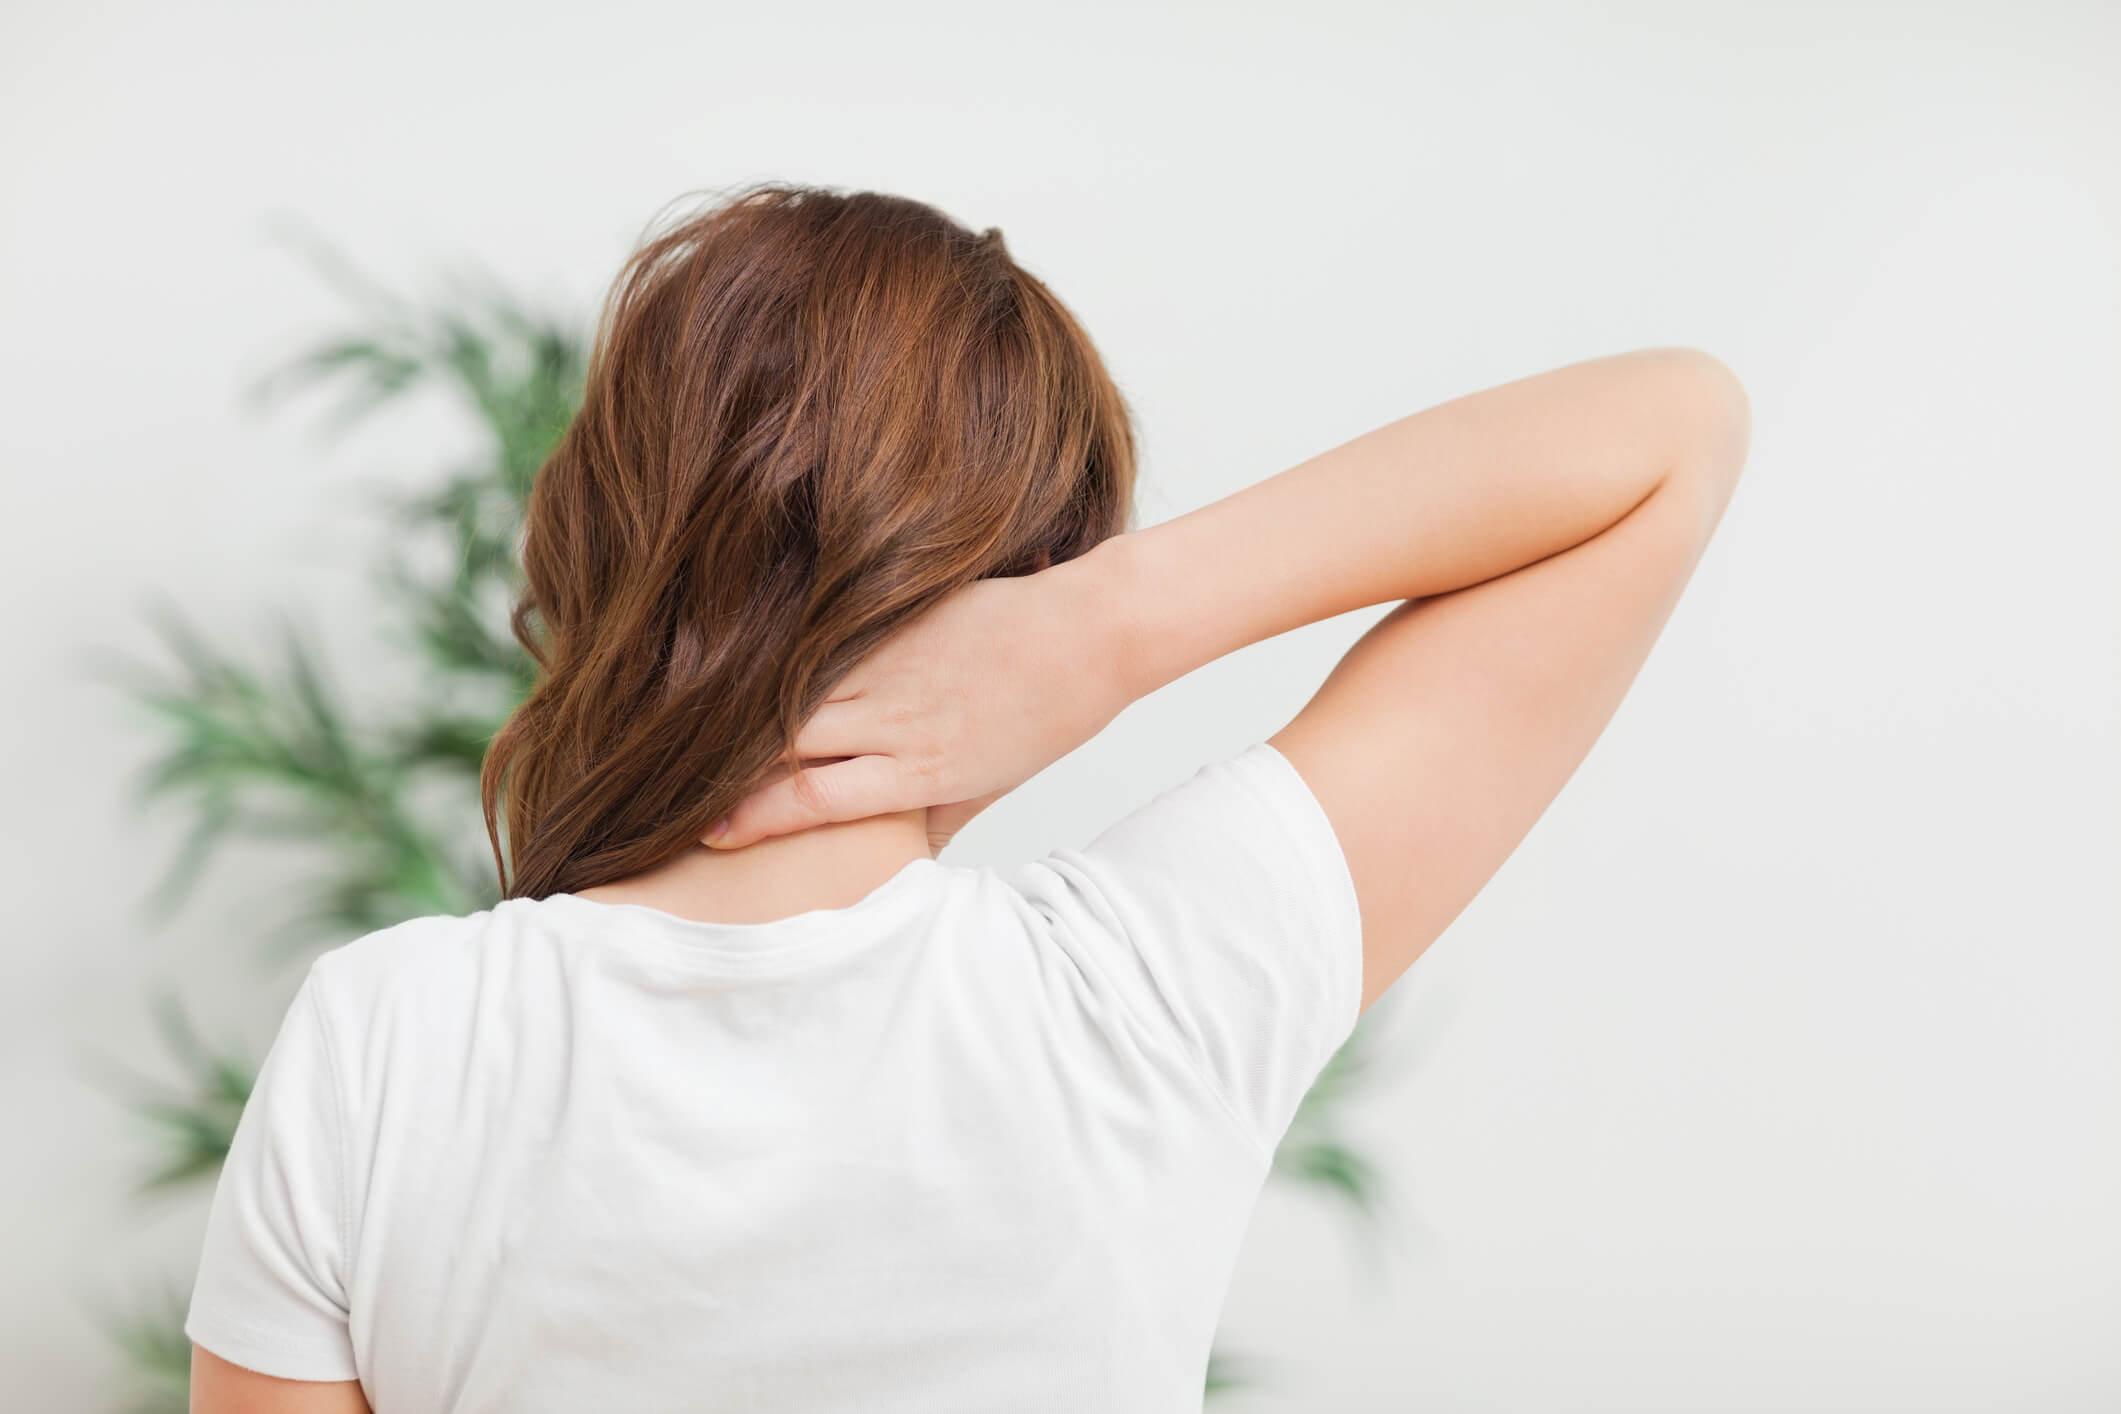 Saiba quais são os Tratamentos para cada Tipo de Hérnia de Disco